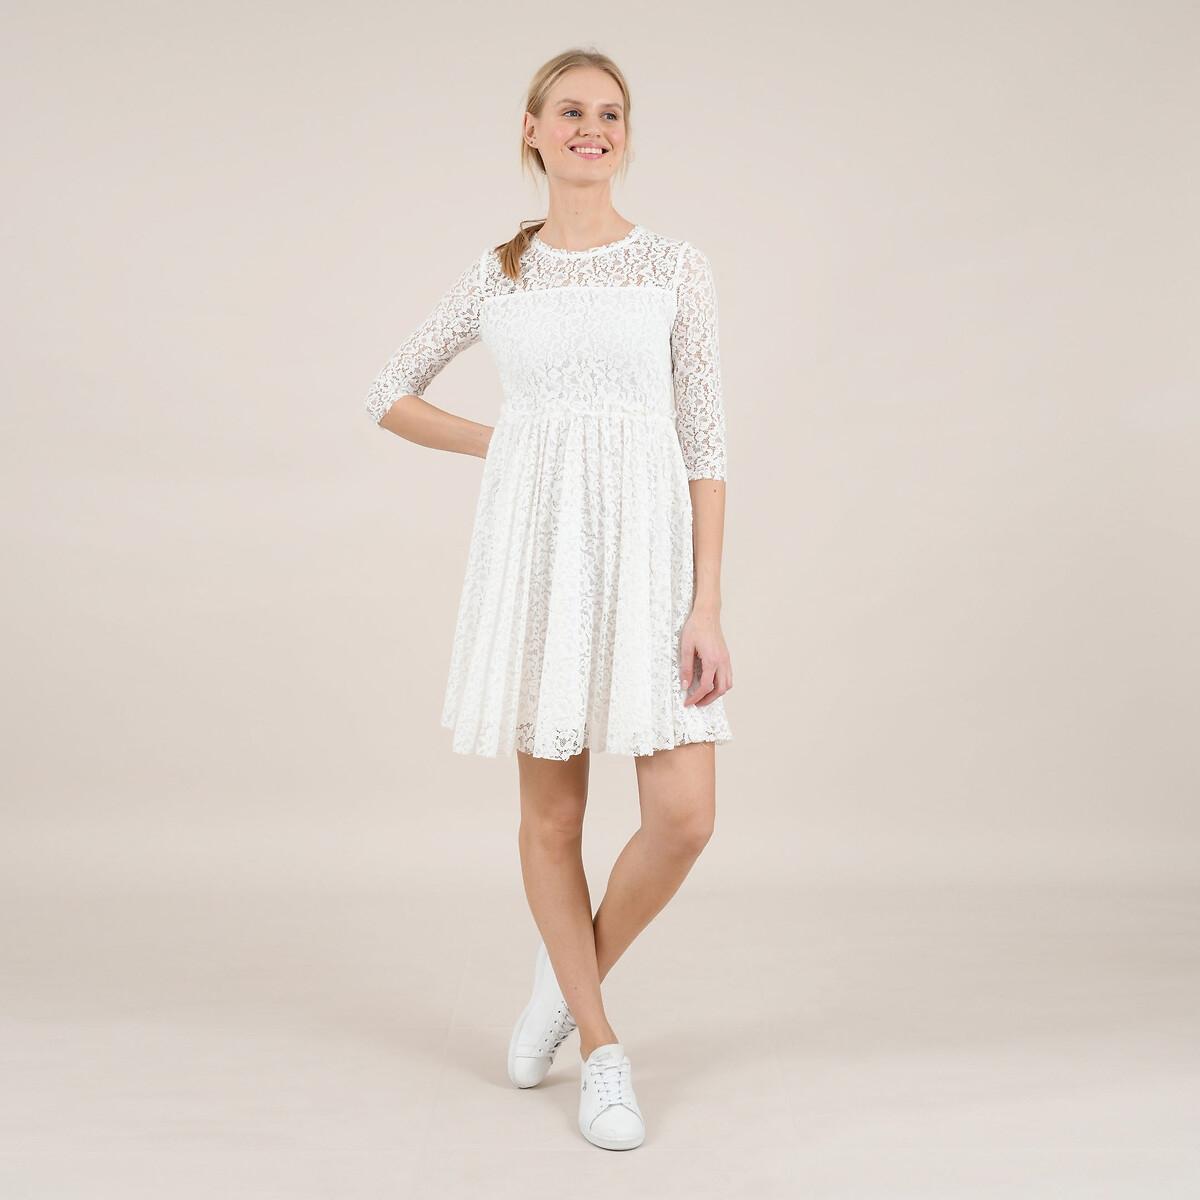 цена Платье La Redoute Короткое расклешенное из кружева с рукавами XS белый онлайн в 2017 году